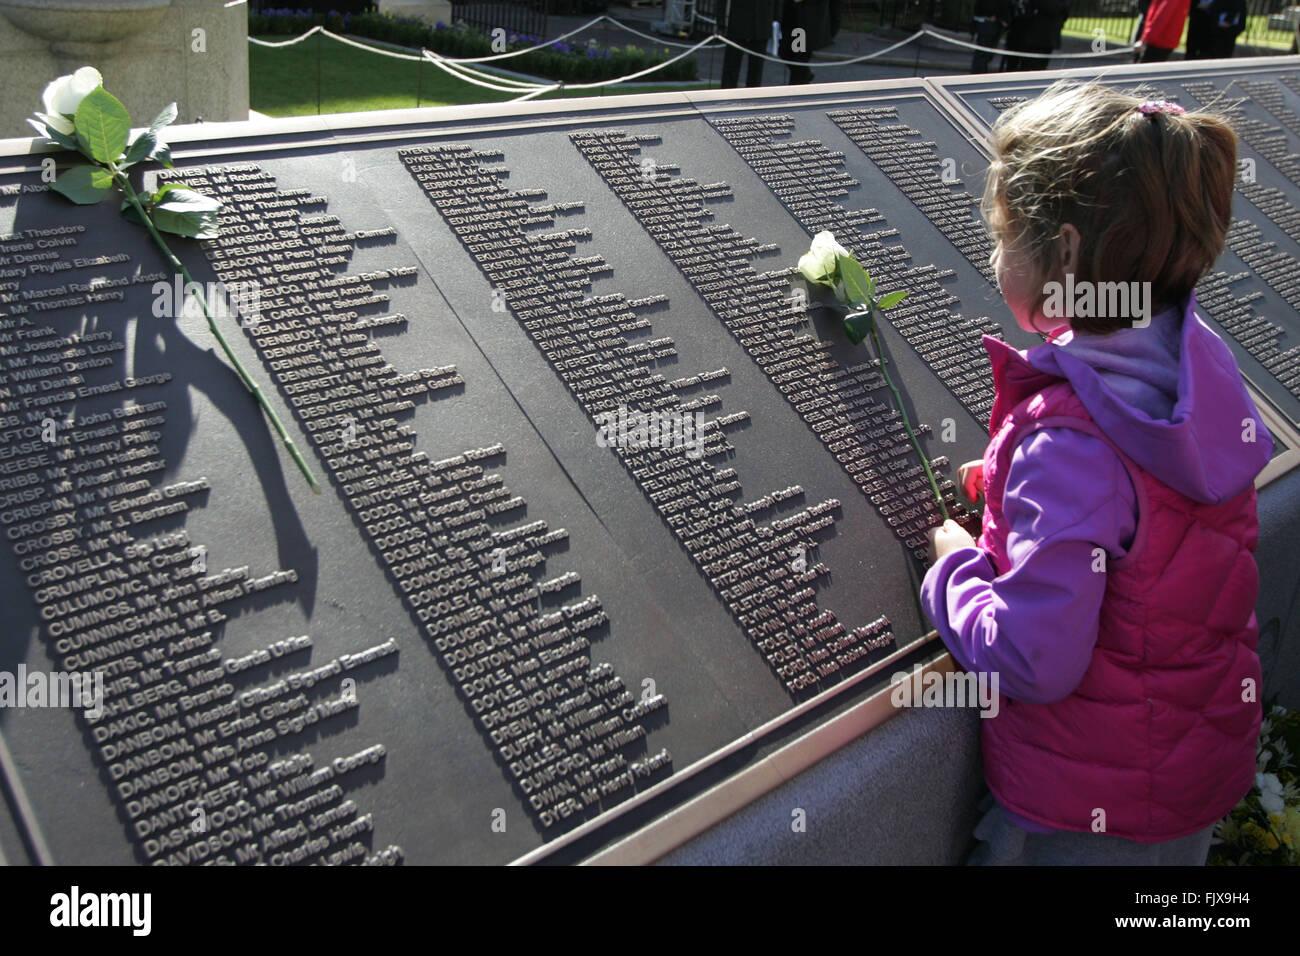 15 avril 2019 : les 107 ans du naufrage - Page 2 Belfast-royaume-uni-15042012-les-roses-sont-poses-pour-les-noms-des-victimes-sur-le-centenaire-du-naufrage-du-titanic-et-ouverture-de-la-memorial-garden-a-belfast-city-hall-au-cours-de-la-commemoration-du-100e-anniversaire-et-memorial-le-devouement-de-la-catastrophe-du-titanic-a-belfast-en-irlande-du-nord-le-15-avril-2012-le-navire-a-heurte-un-iceberg-dans-latlantique-nord-sur-son-voyage-inaugural-le-14-avril-1912-avec-la-perte-denviron-1-500-vies-il-a-ete-construit-a-belfasts-naval-harland-and-wolff-photopaul-mcerlane-fjx9h4